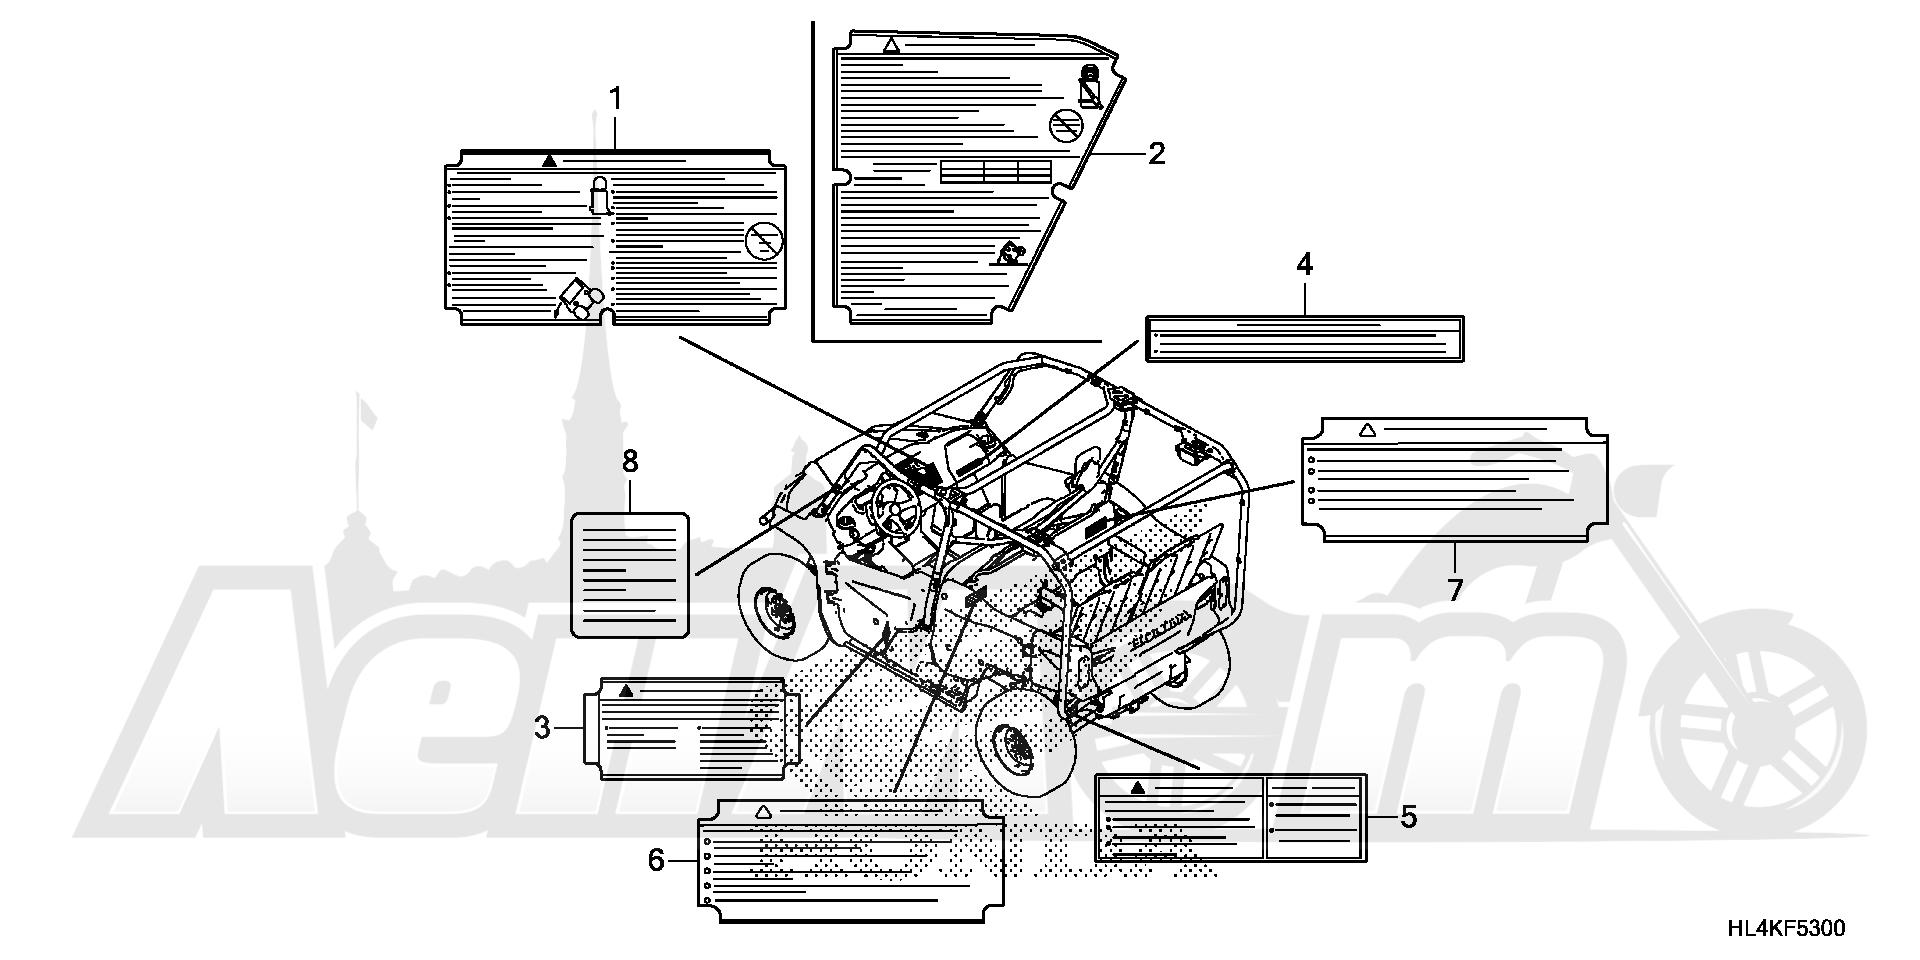 Запчасти для Квадроцикла Honda 2019 SXS1000M5L Раздел: CAUTION LABEL | предупреждение этикетка, метка